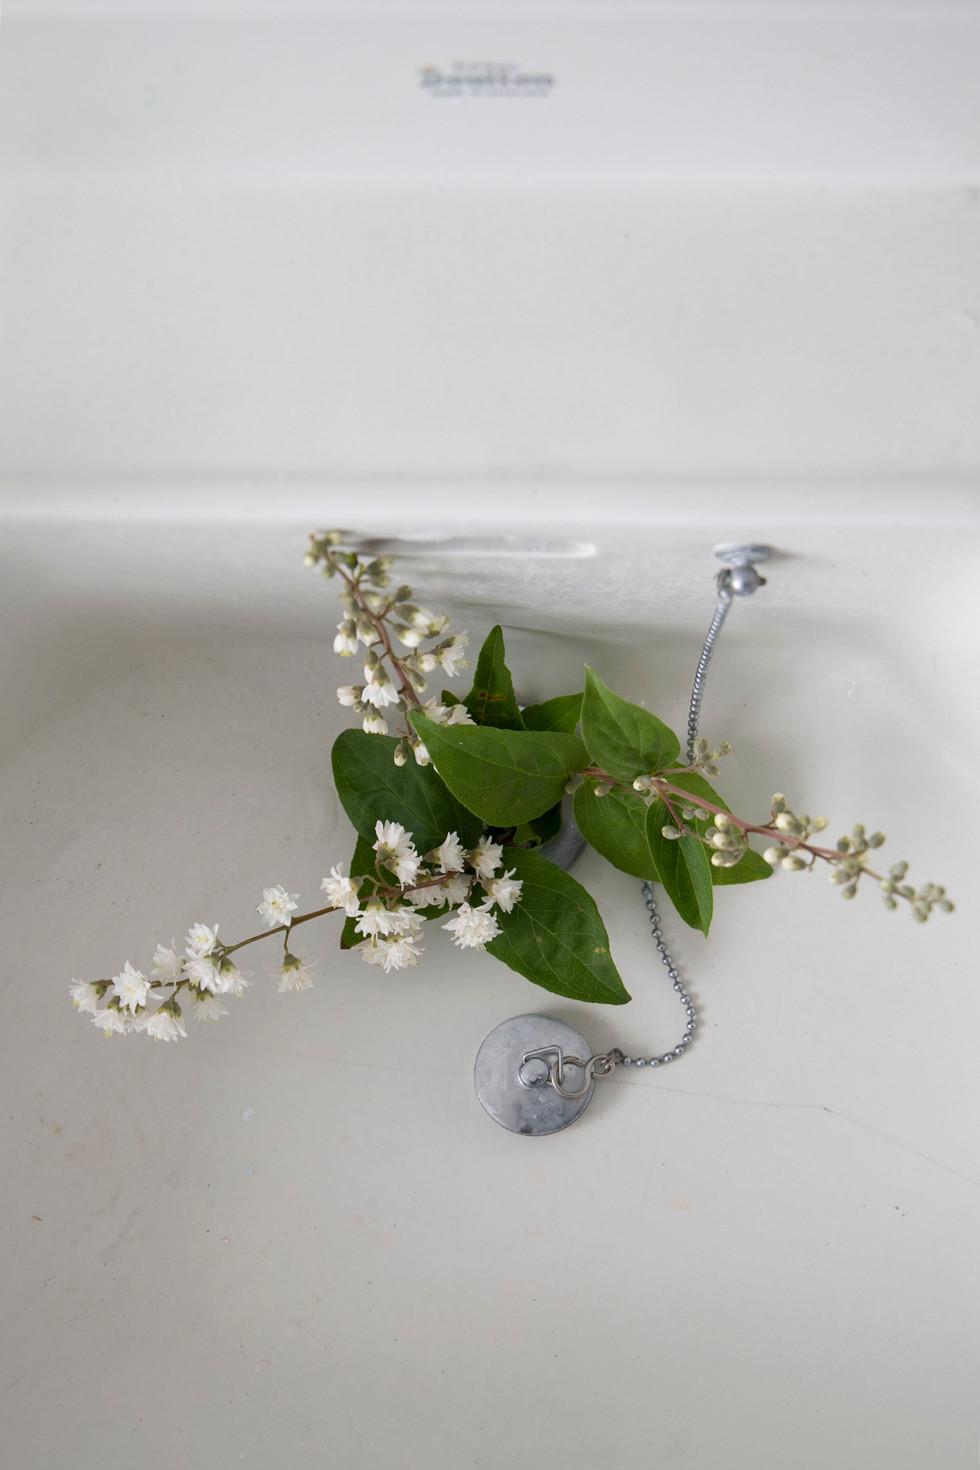 Sink#50